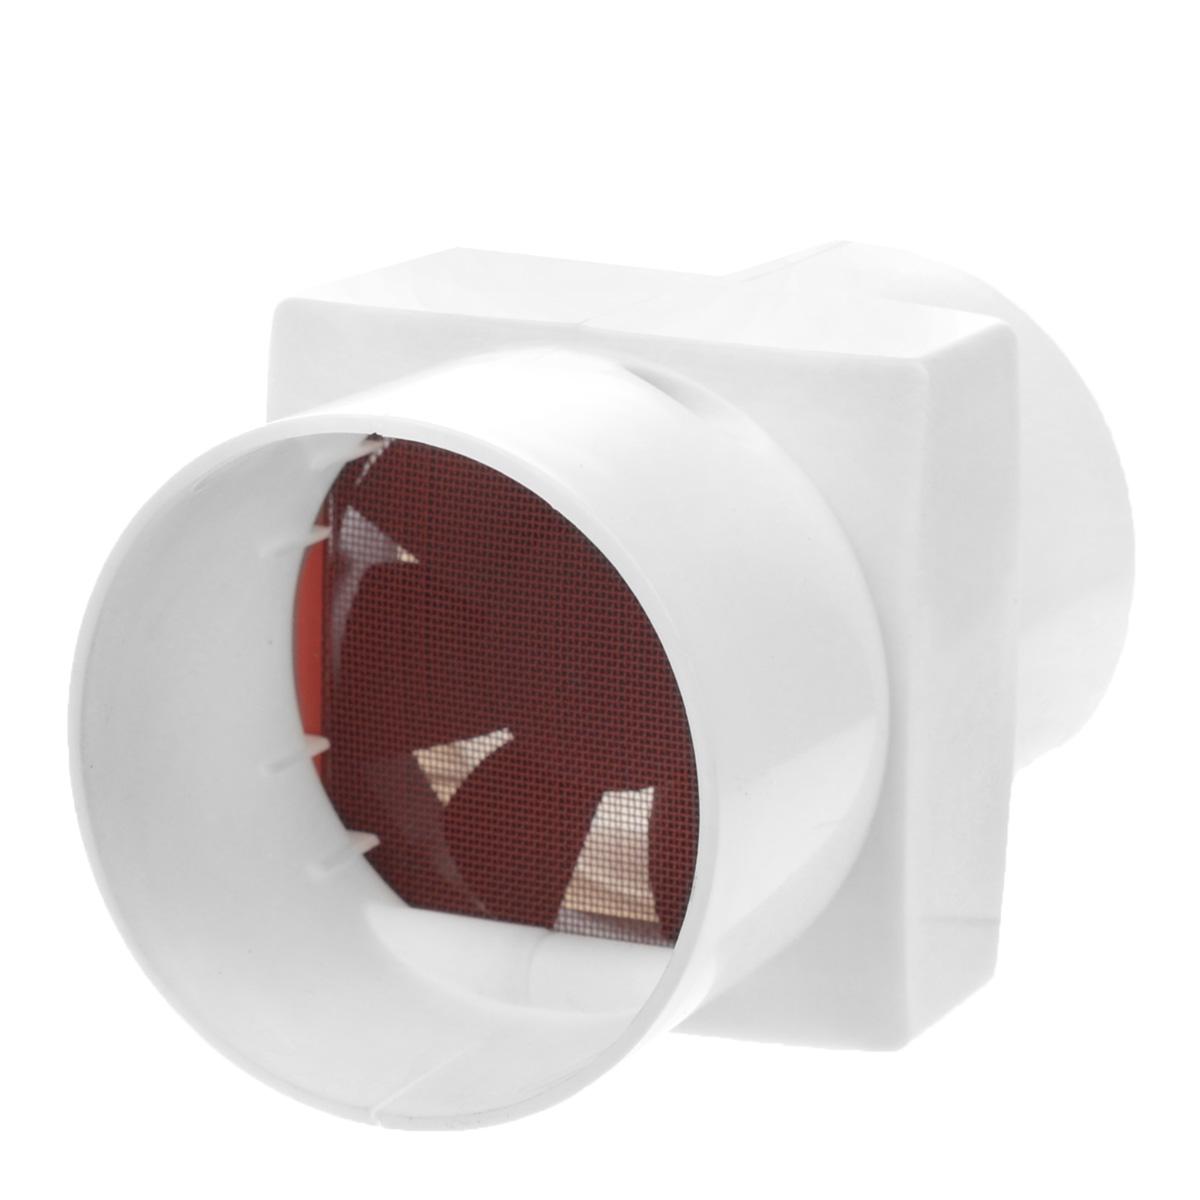 Муфта с вентилятором Piteco В01531-401Муфта Piteco В01 применяется для усиления и ускорения воздухообмена, удаления неприятных запахов из торфяных туалетов Piteco, Separett. Особенно рекомендуется применять при изгибах вентиляционной трубы для обеспечения нормального вентилирования торфяных туалетов.В комплект входит блок питания.